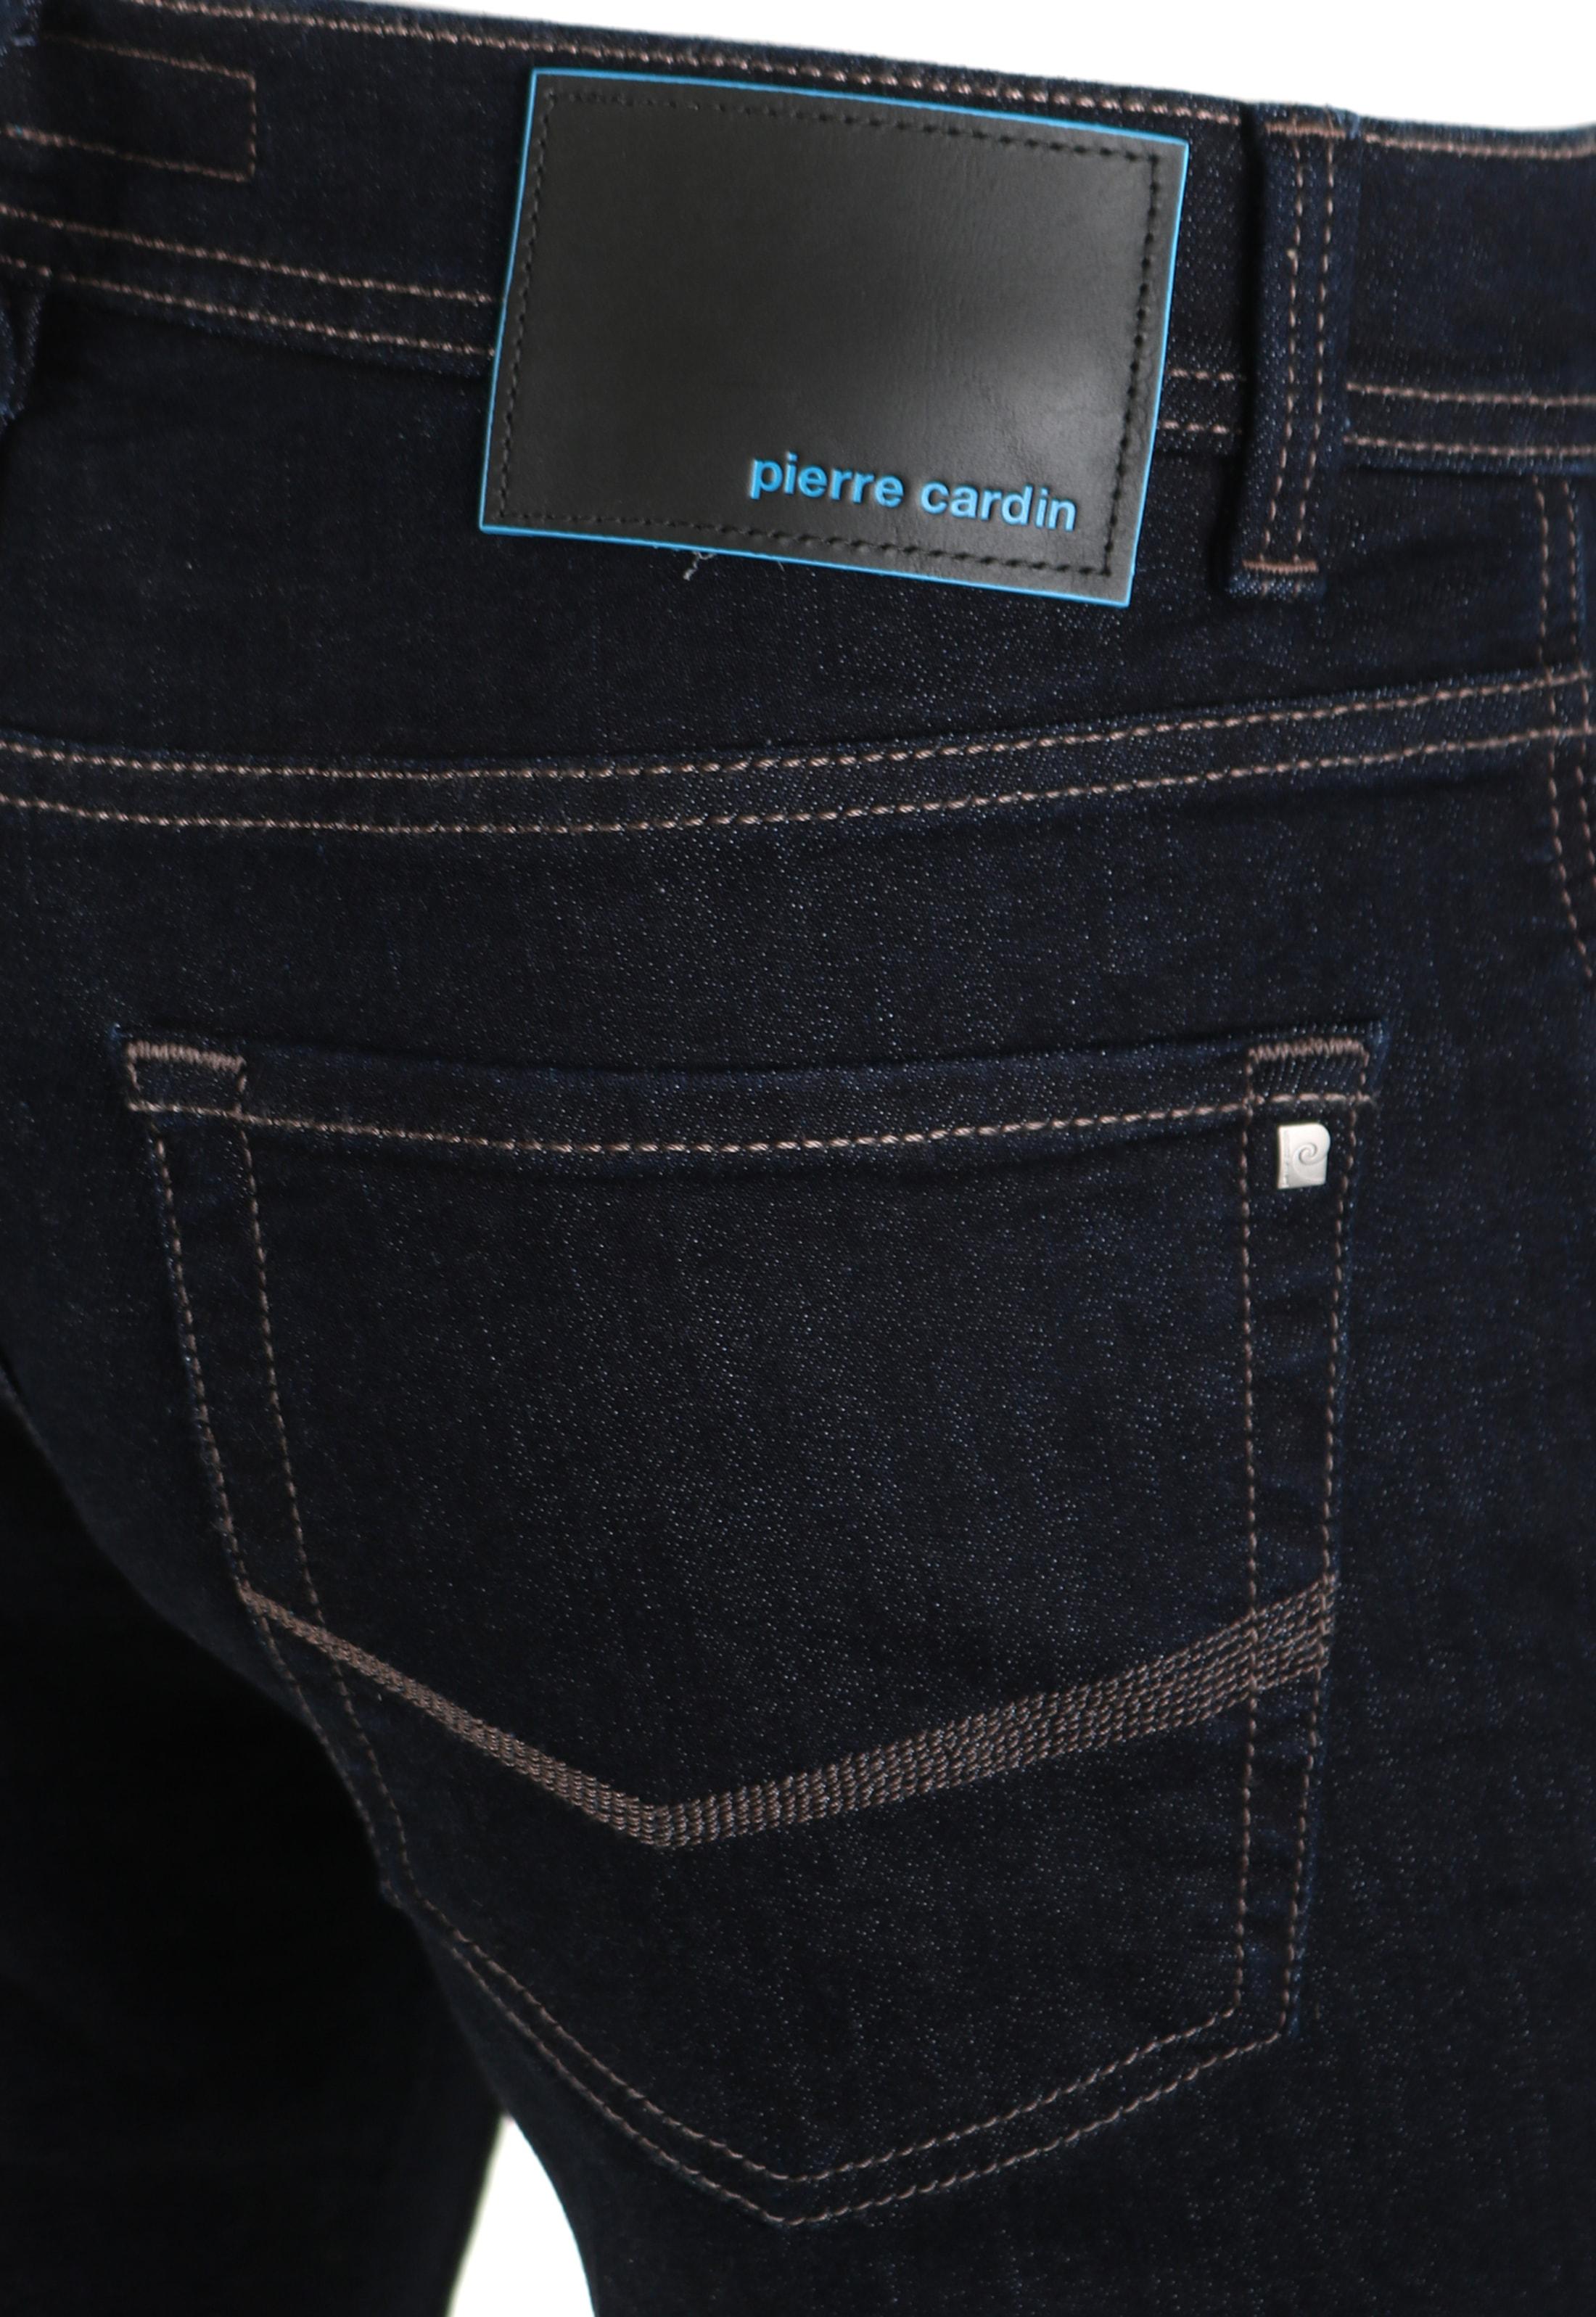 Pierre Cardin Lyon Jeans Future Flex 04 foto 3